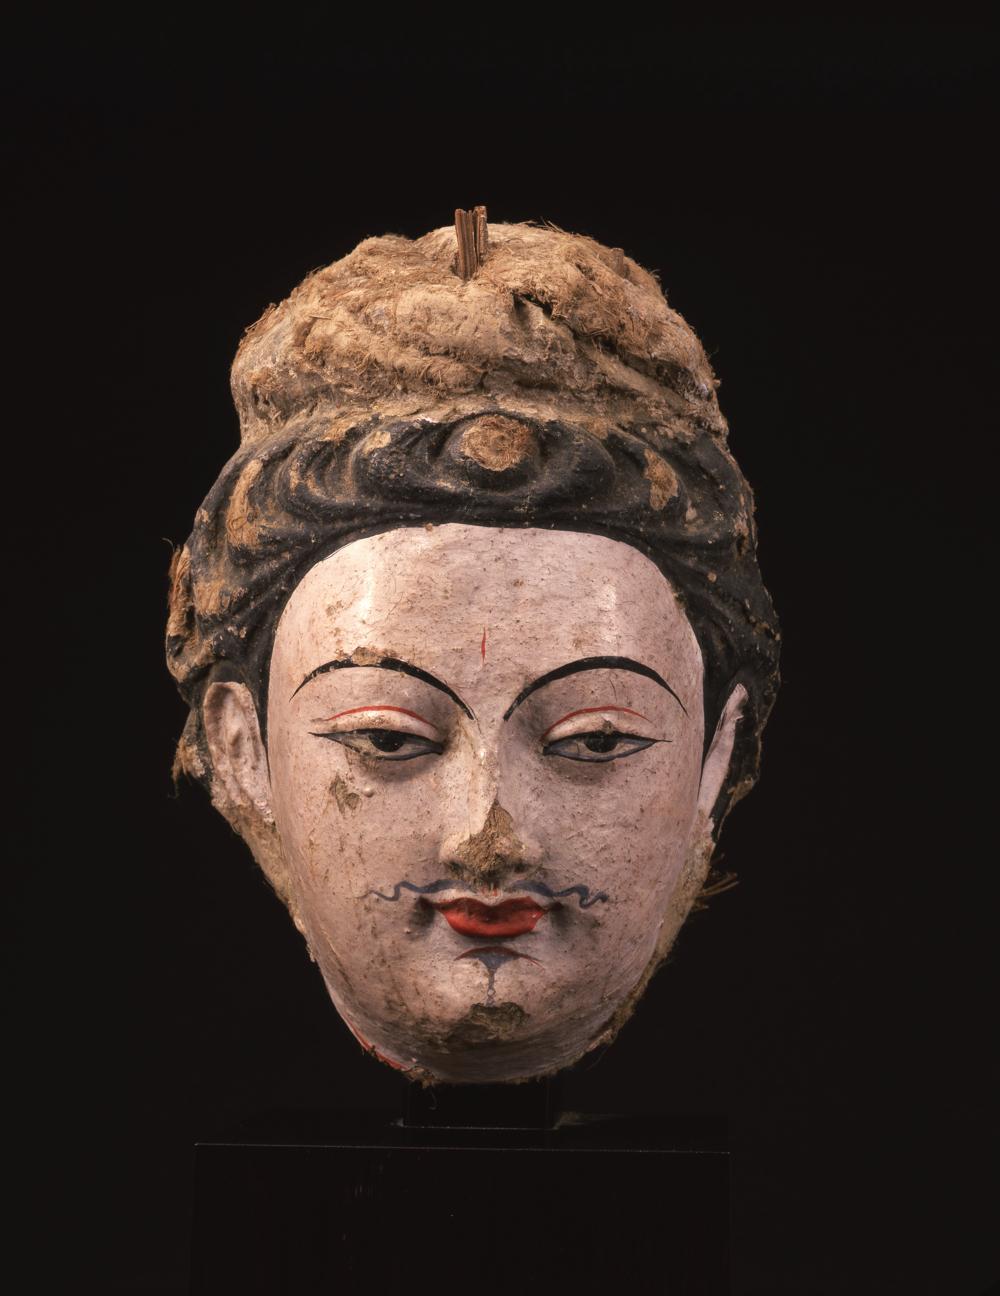 菩薩像頭部:中国、 クムトラ千仏洞(平山郁夫シルクロード美術館)